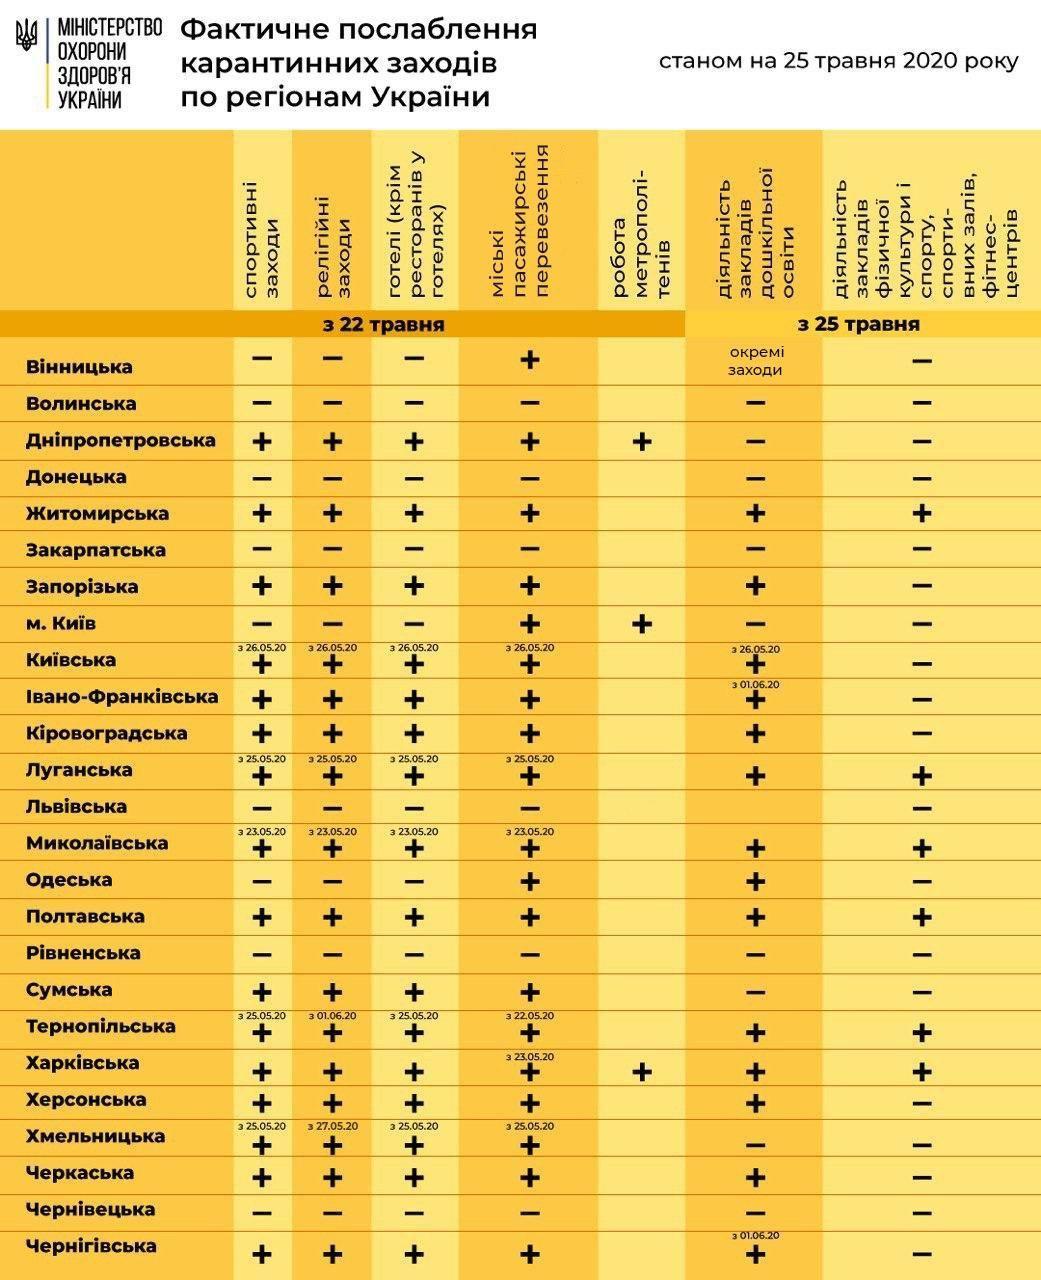 Как в Украине области будут выходить из карантина: инфографика от Минздрава